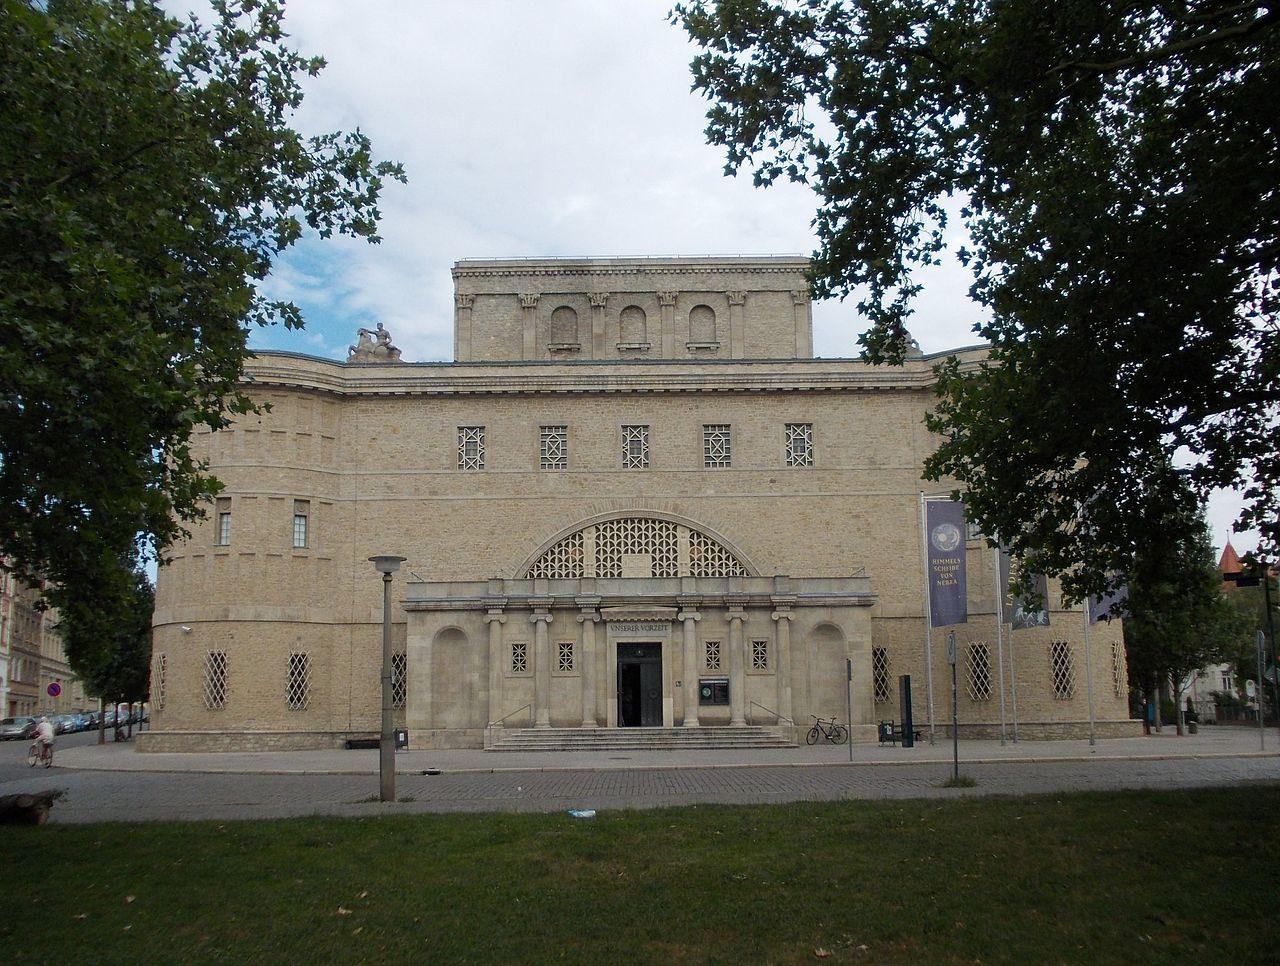 Bild Landesmuseum für Vorgeschichte Halle